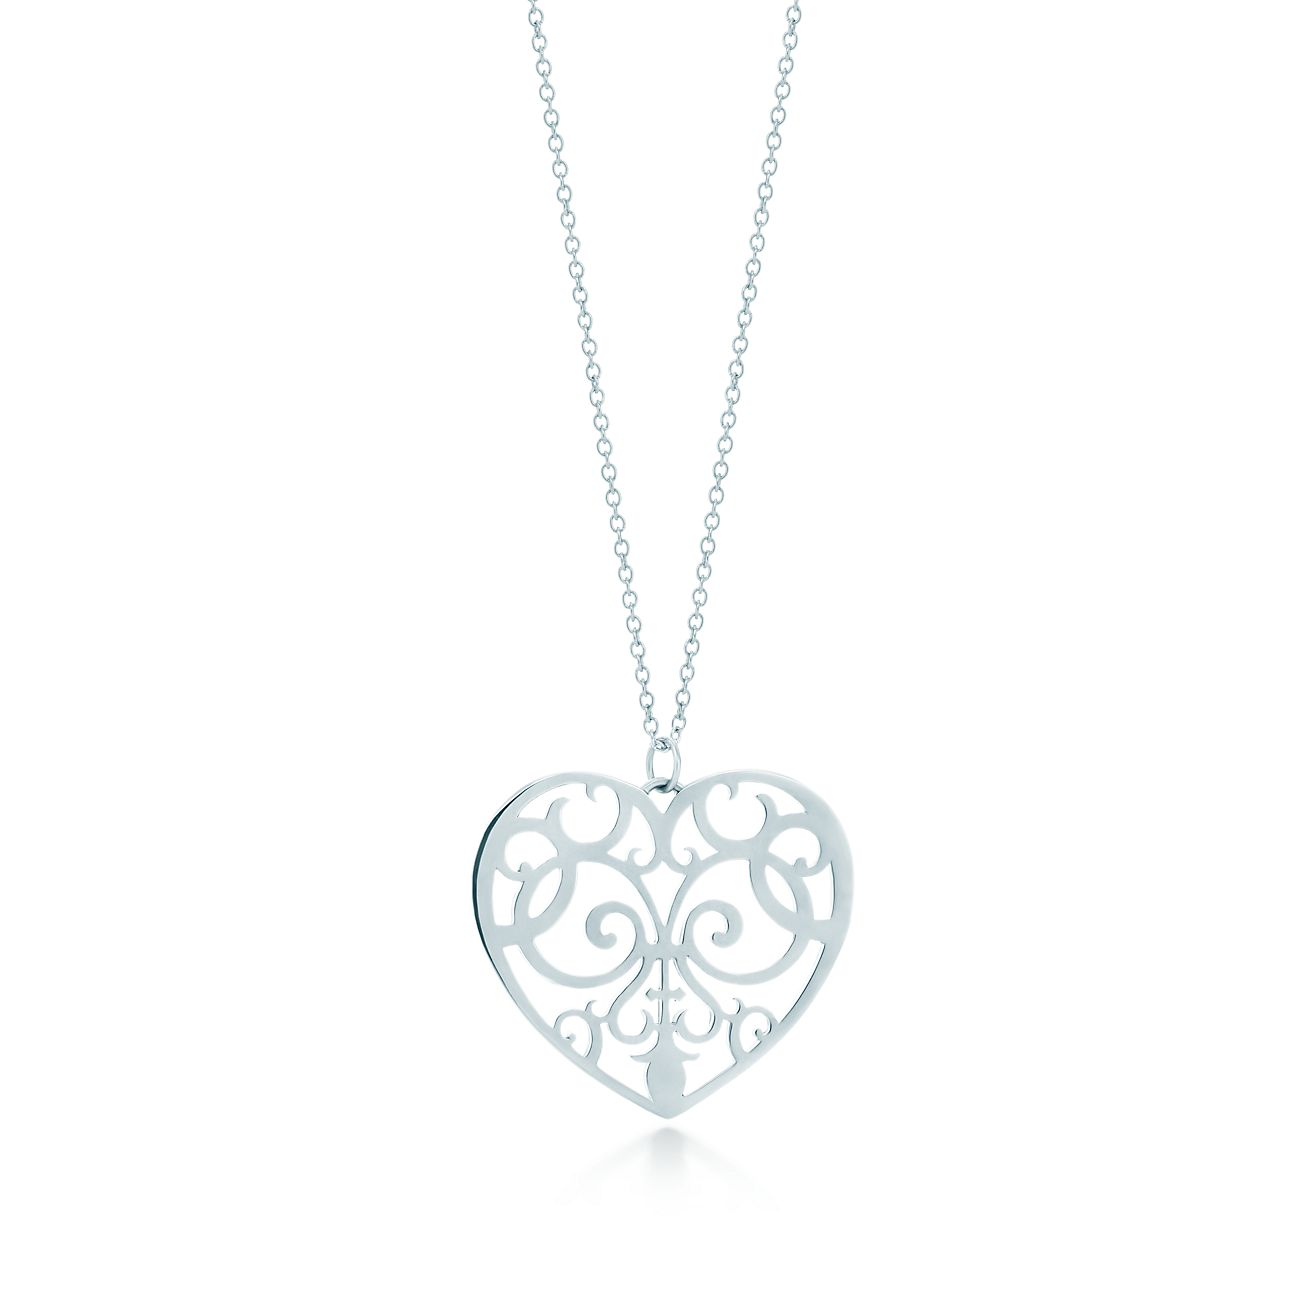 Tiffany Enchant drop earrings in sterling silver Tiffany & Co.